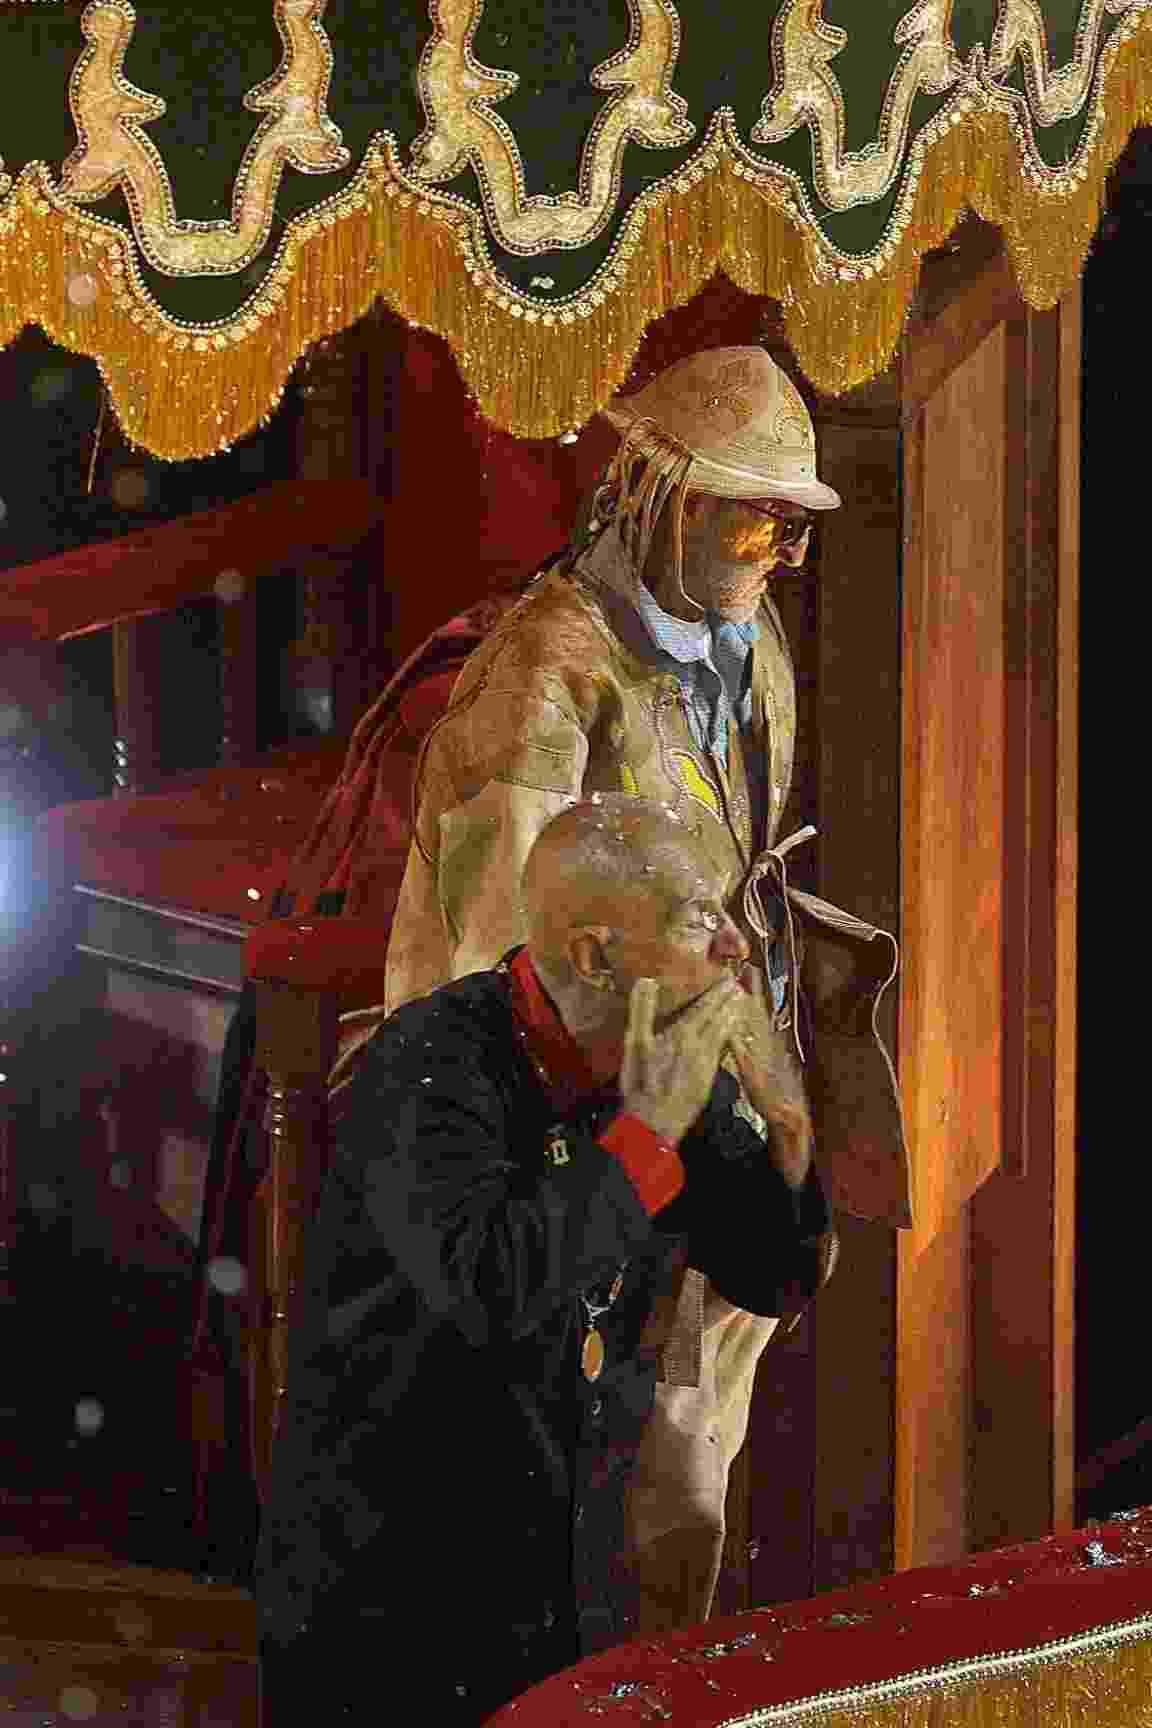 """Em 2002, a escola de samba carioca Império Serrano homenageou o escritor Ariano Suassuna no grupo especial com o enredo """"Aclamação e coroação do imperador da pedra do reino: Ariano Suassuna"""" - Antonio Gauderio/Folha Imagem"""